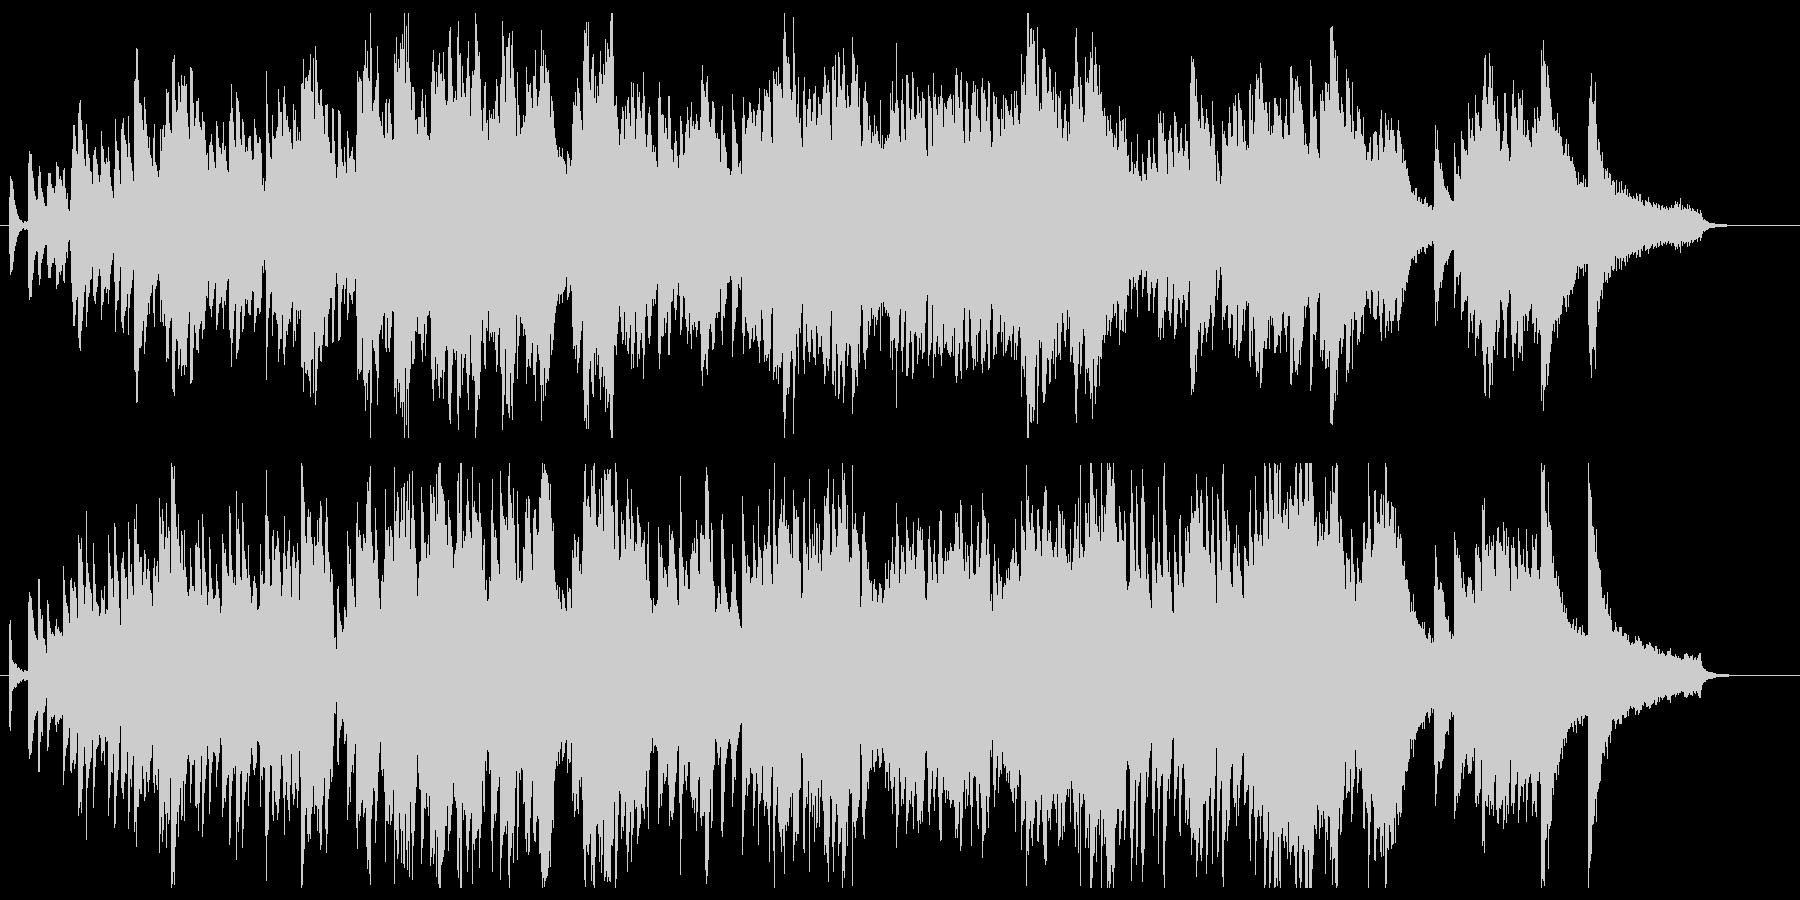 ドビュッシー、アラベスク風ピアノ曲の未再生の波形